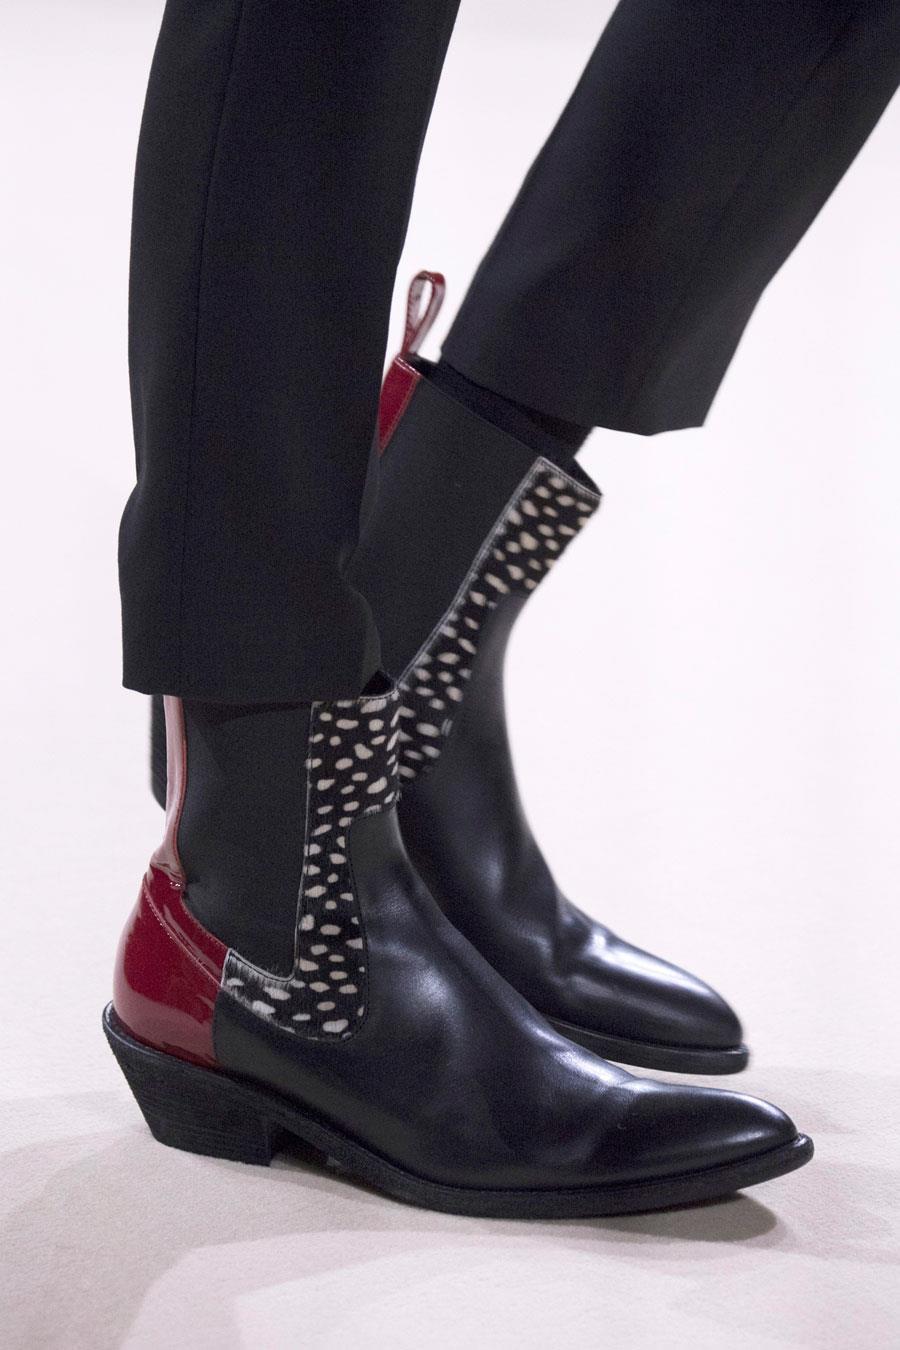 Zapatos de moda otoño invierno 201920: botas, botines